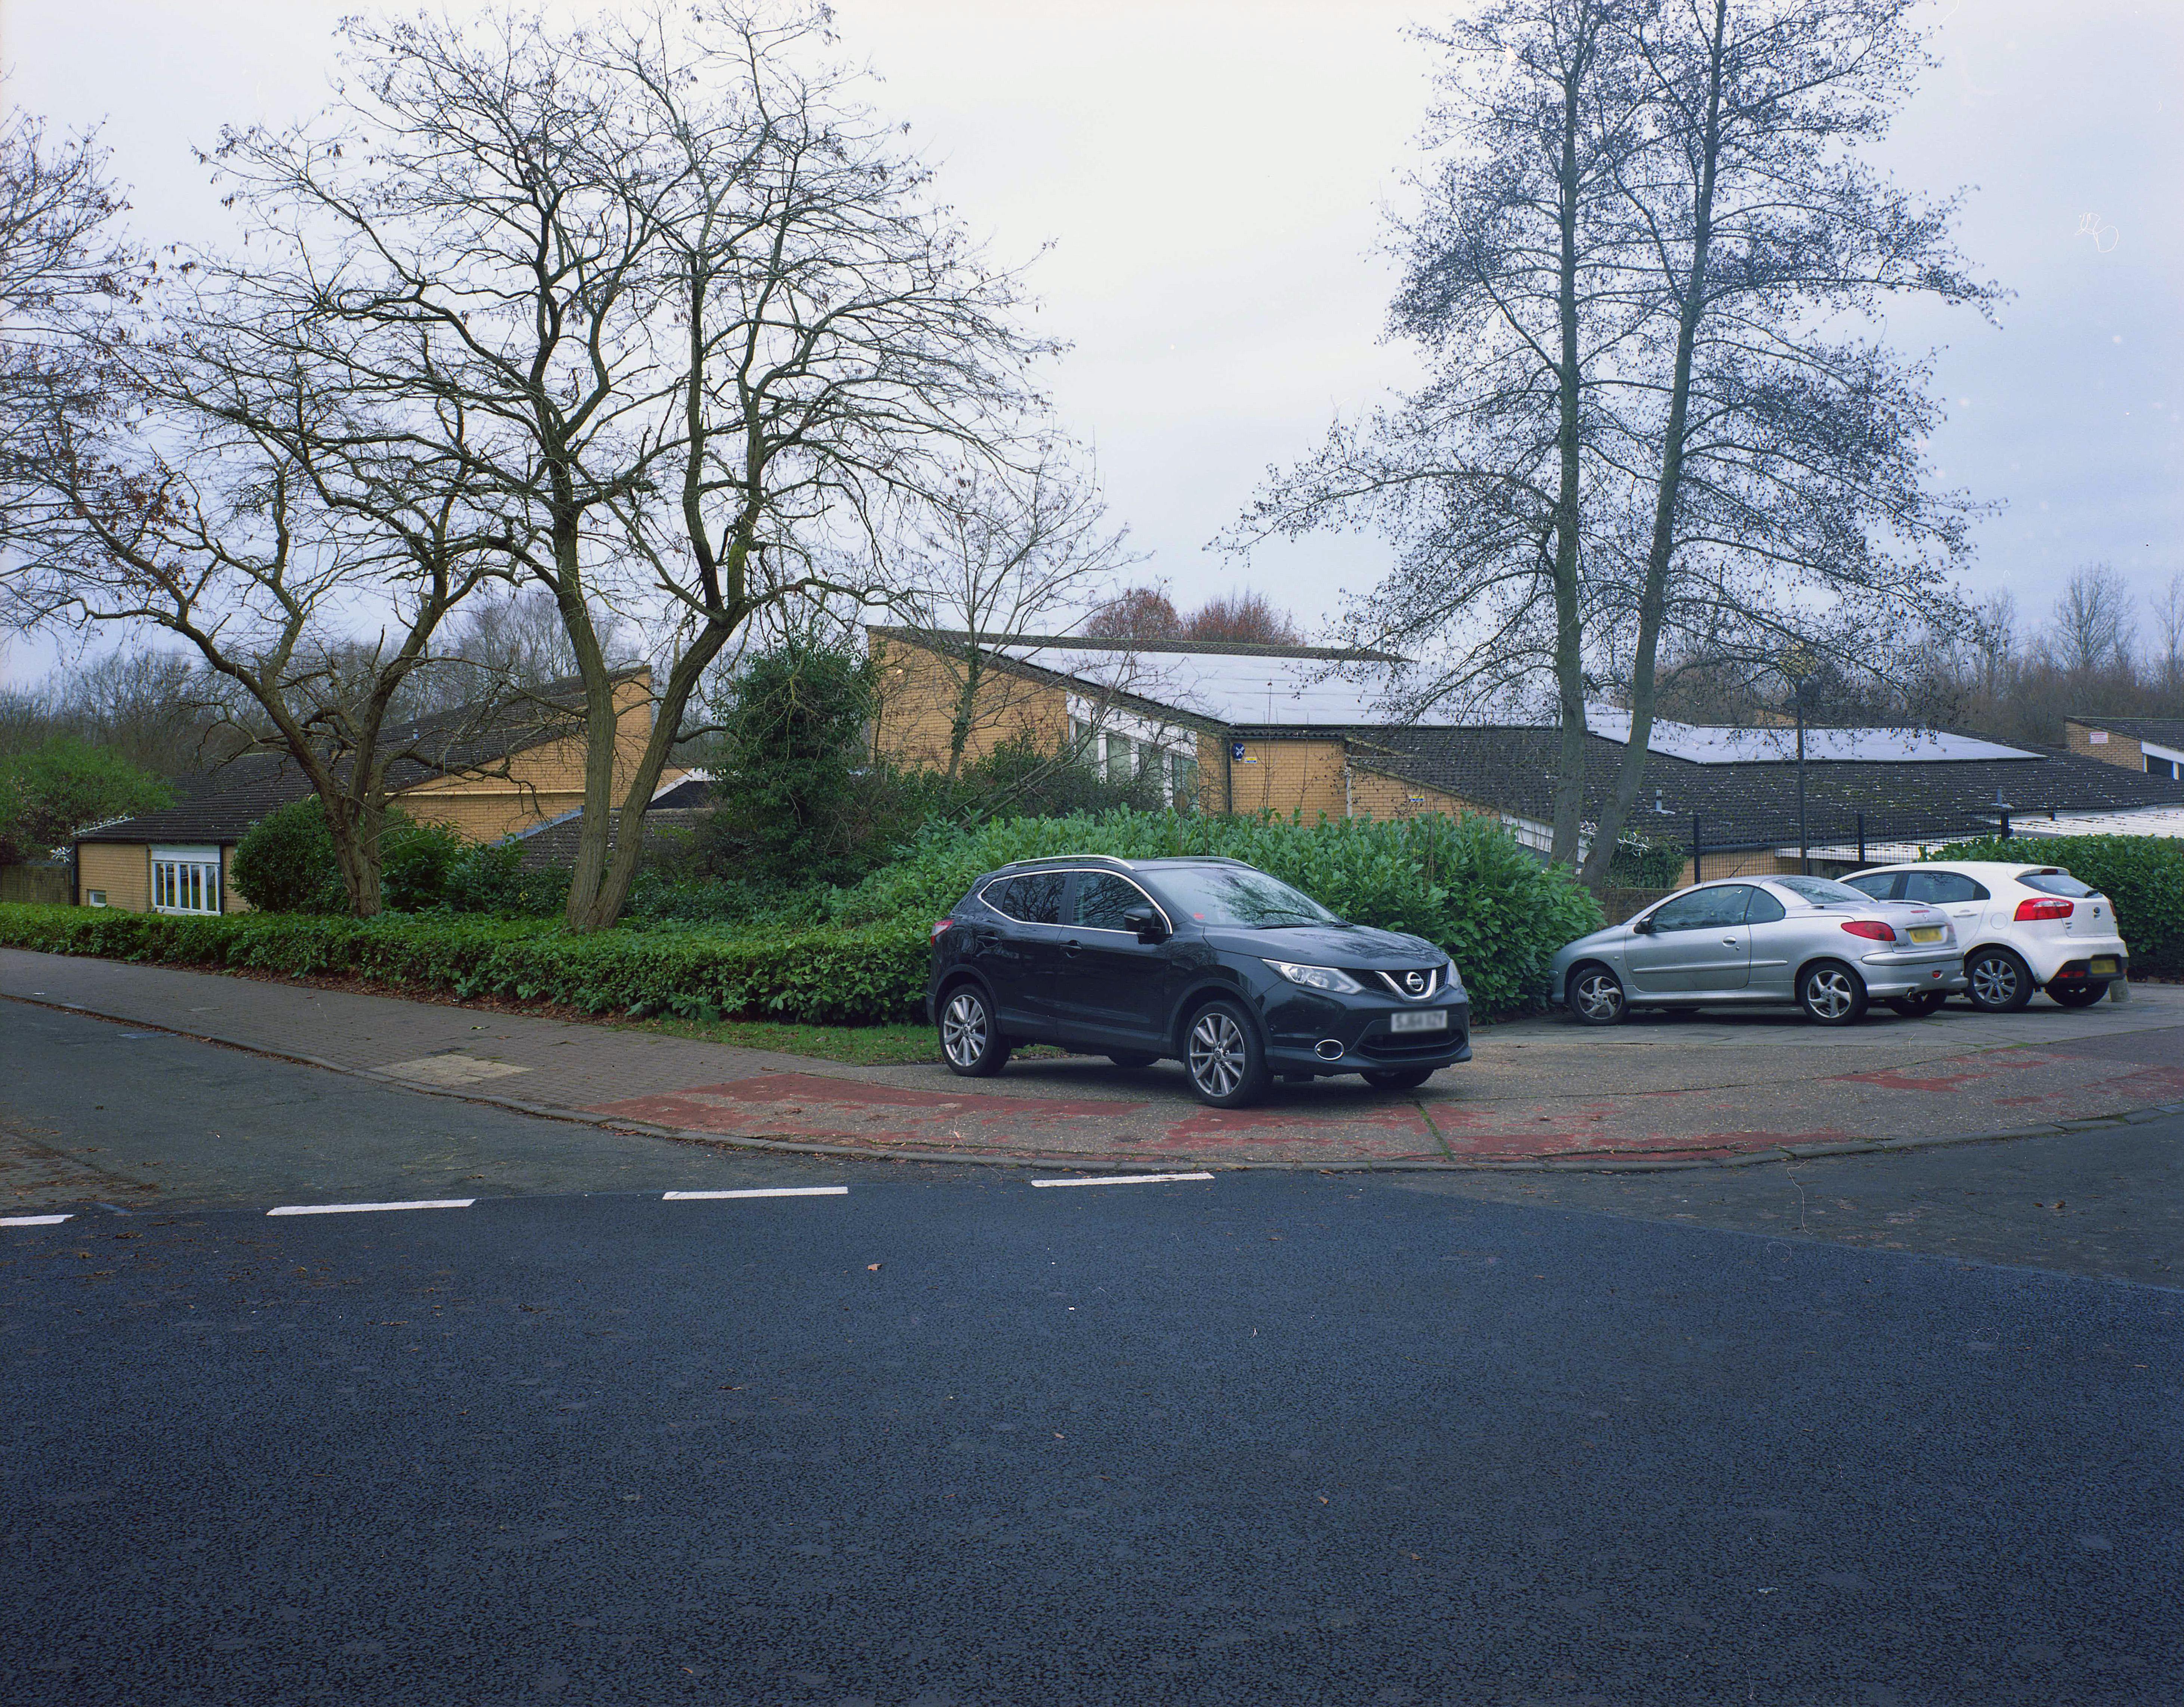 School in Milton Keynes